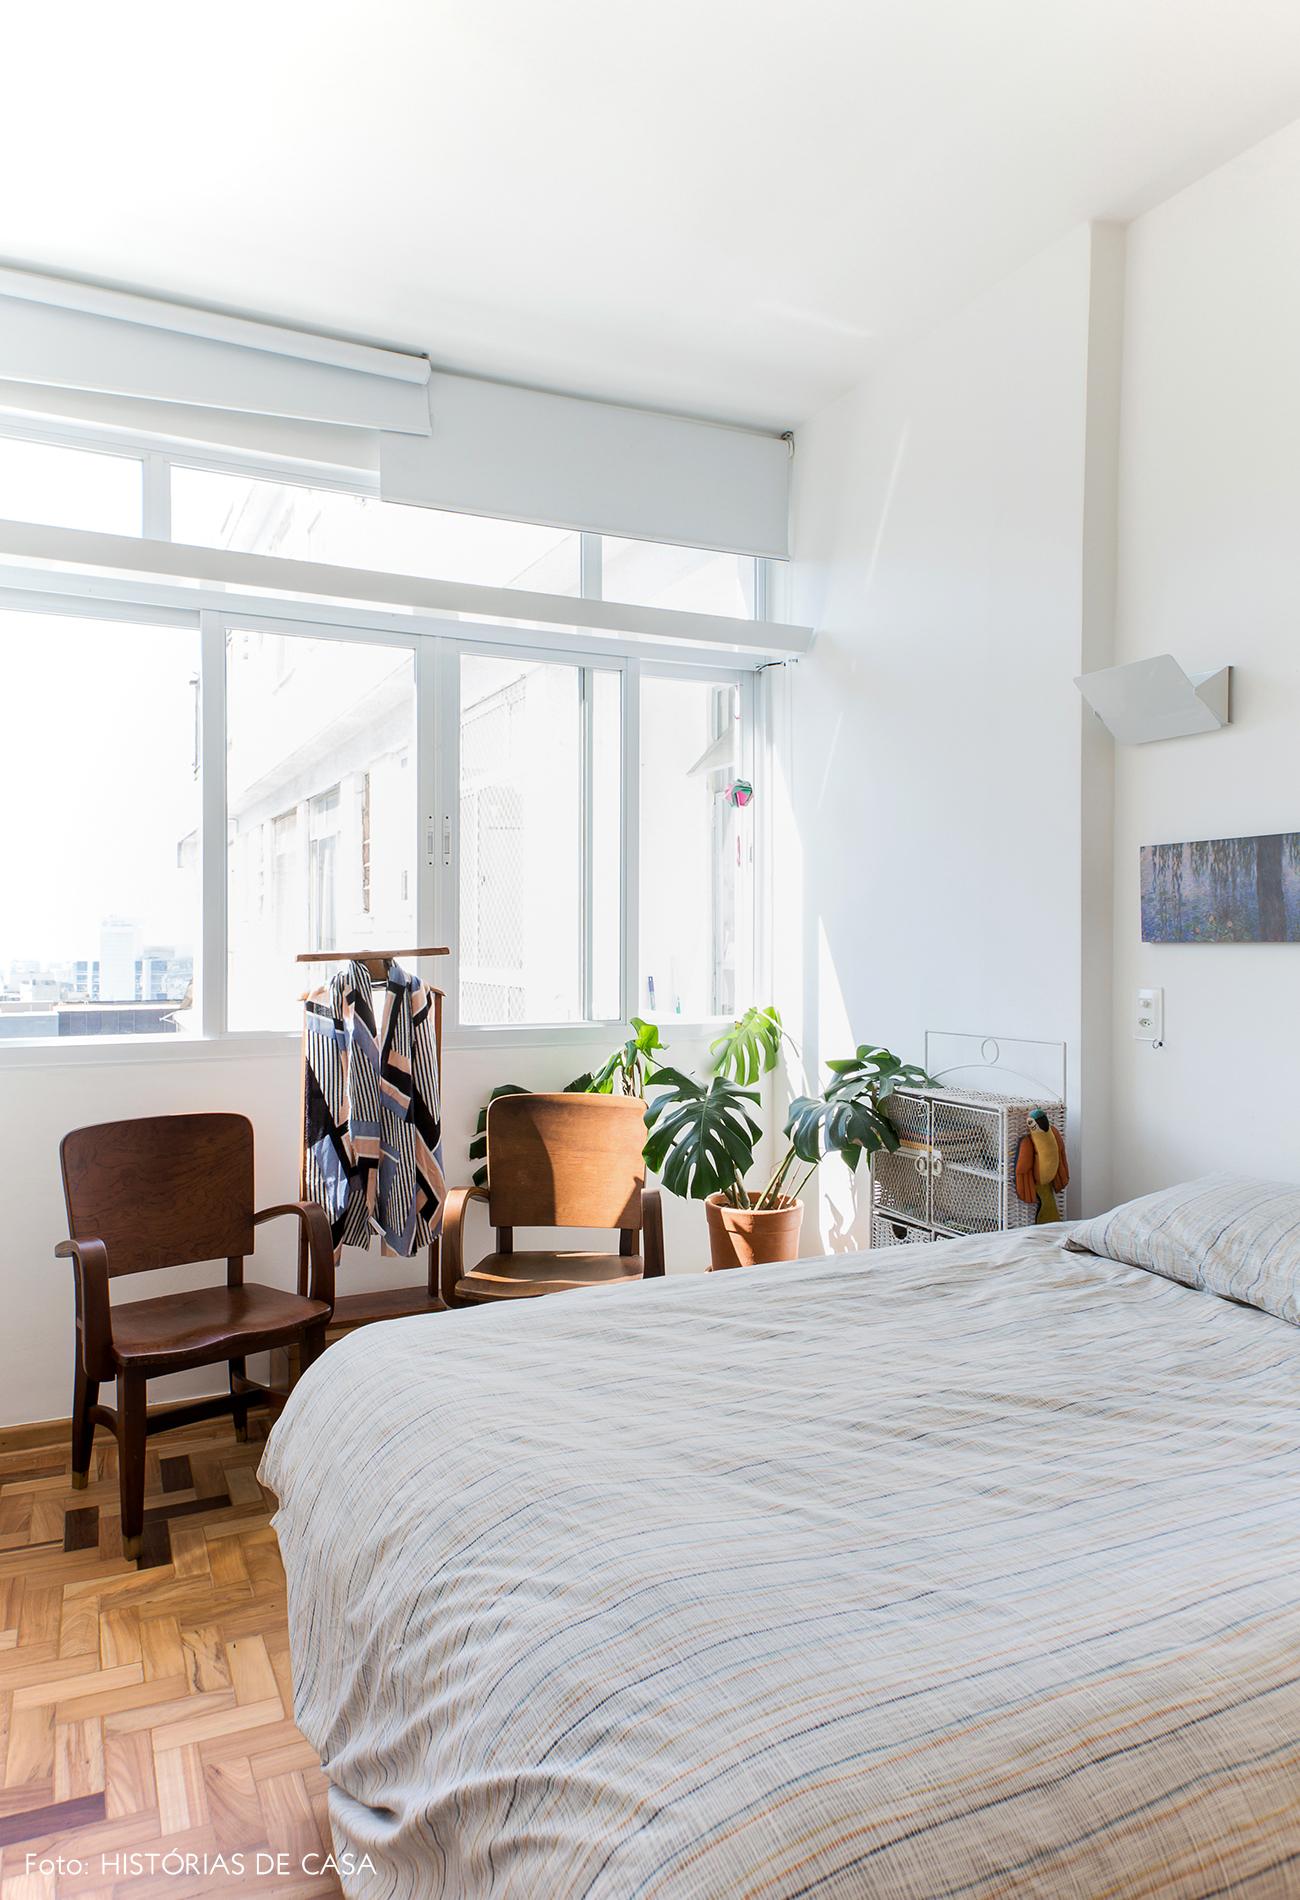 Quarto com móveis garimpados e plantas